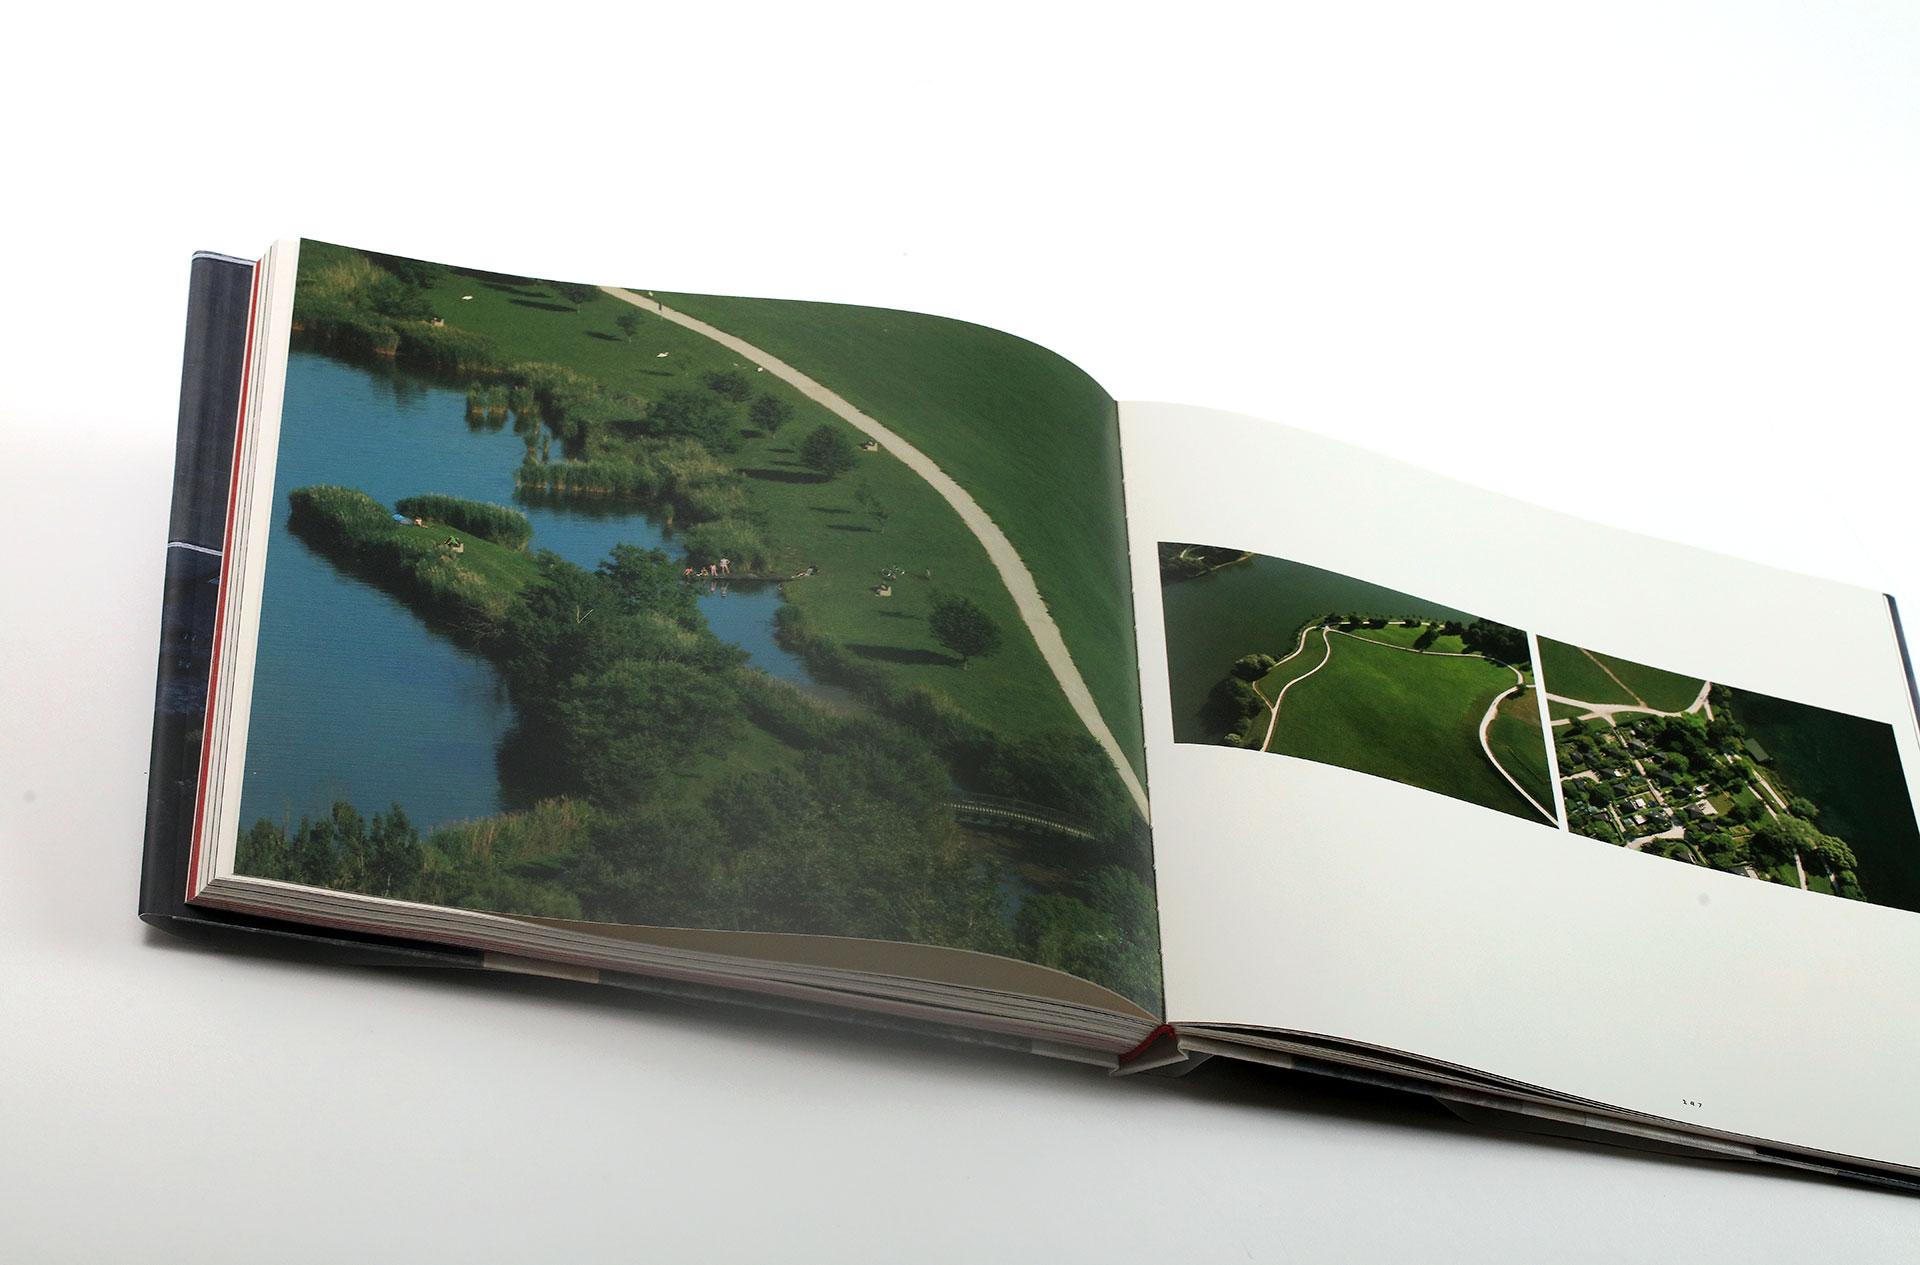 knjiga_velenje_marko_marinsek_ma-ma-studio_7